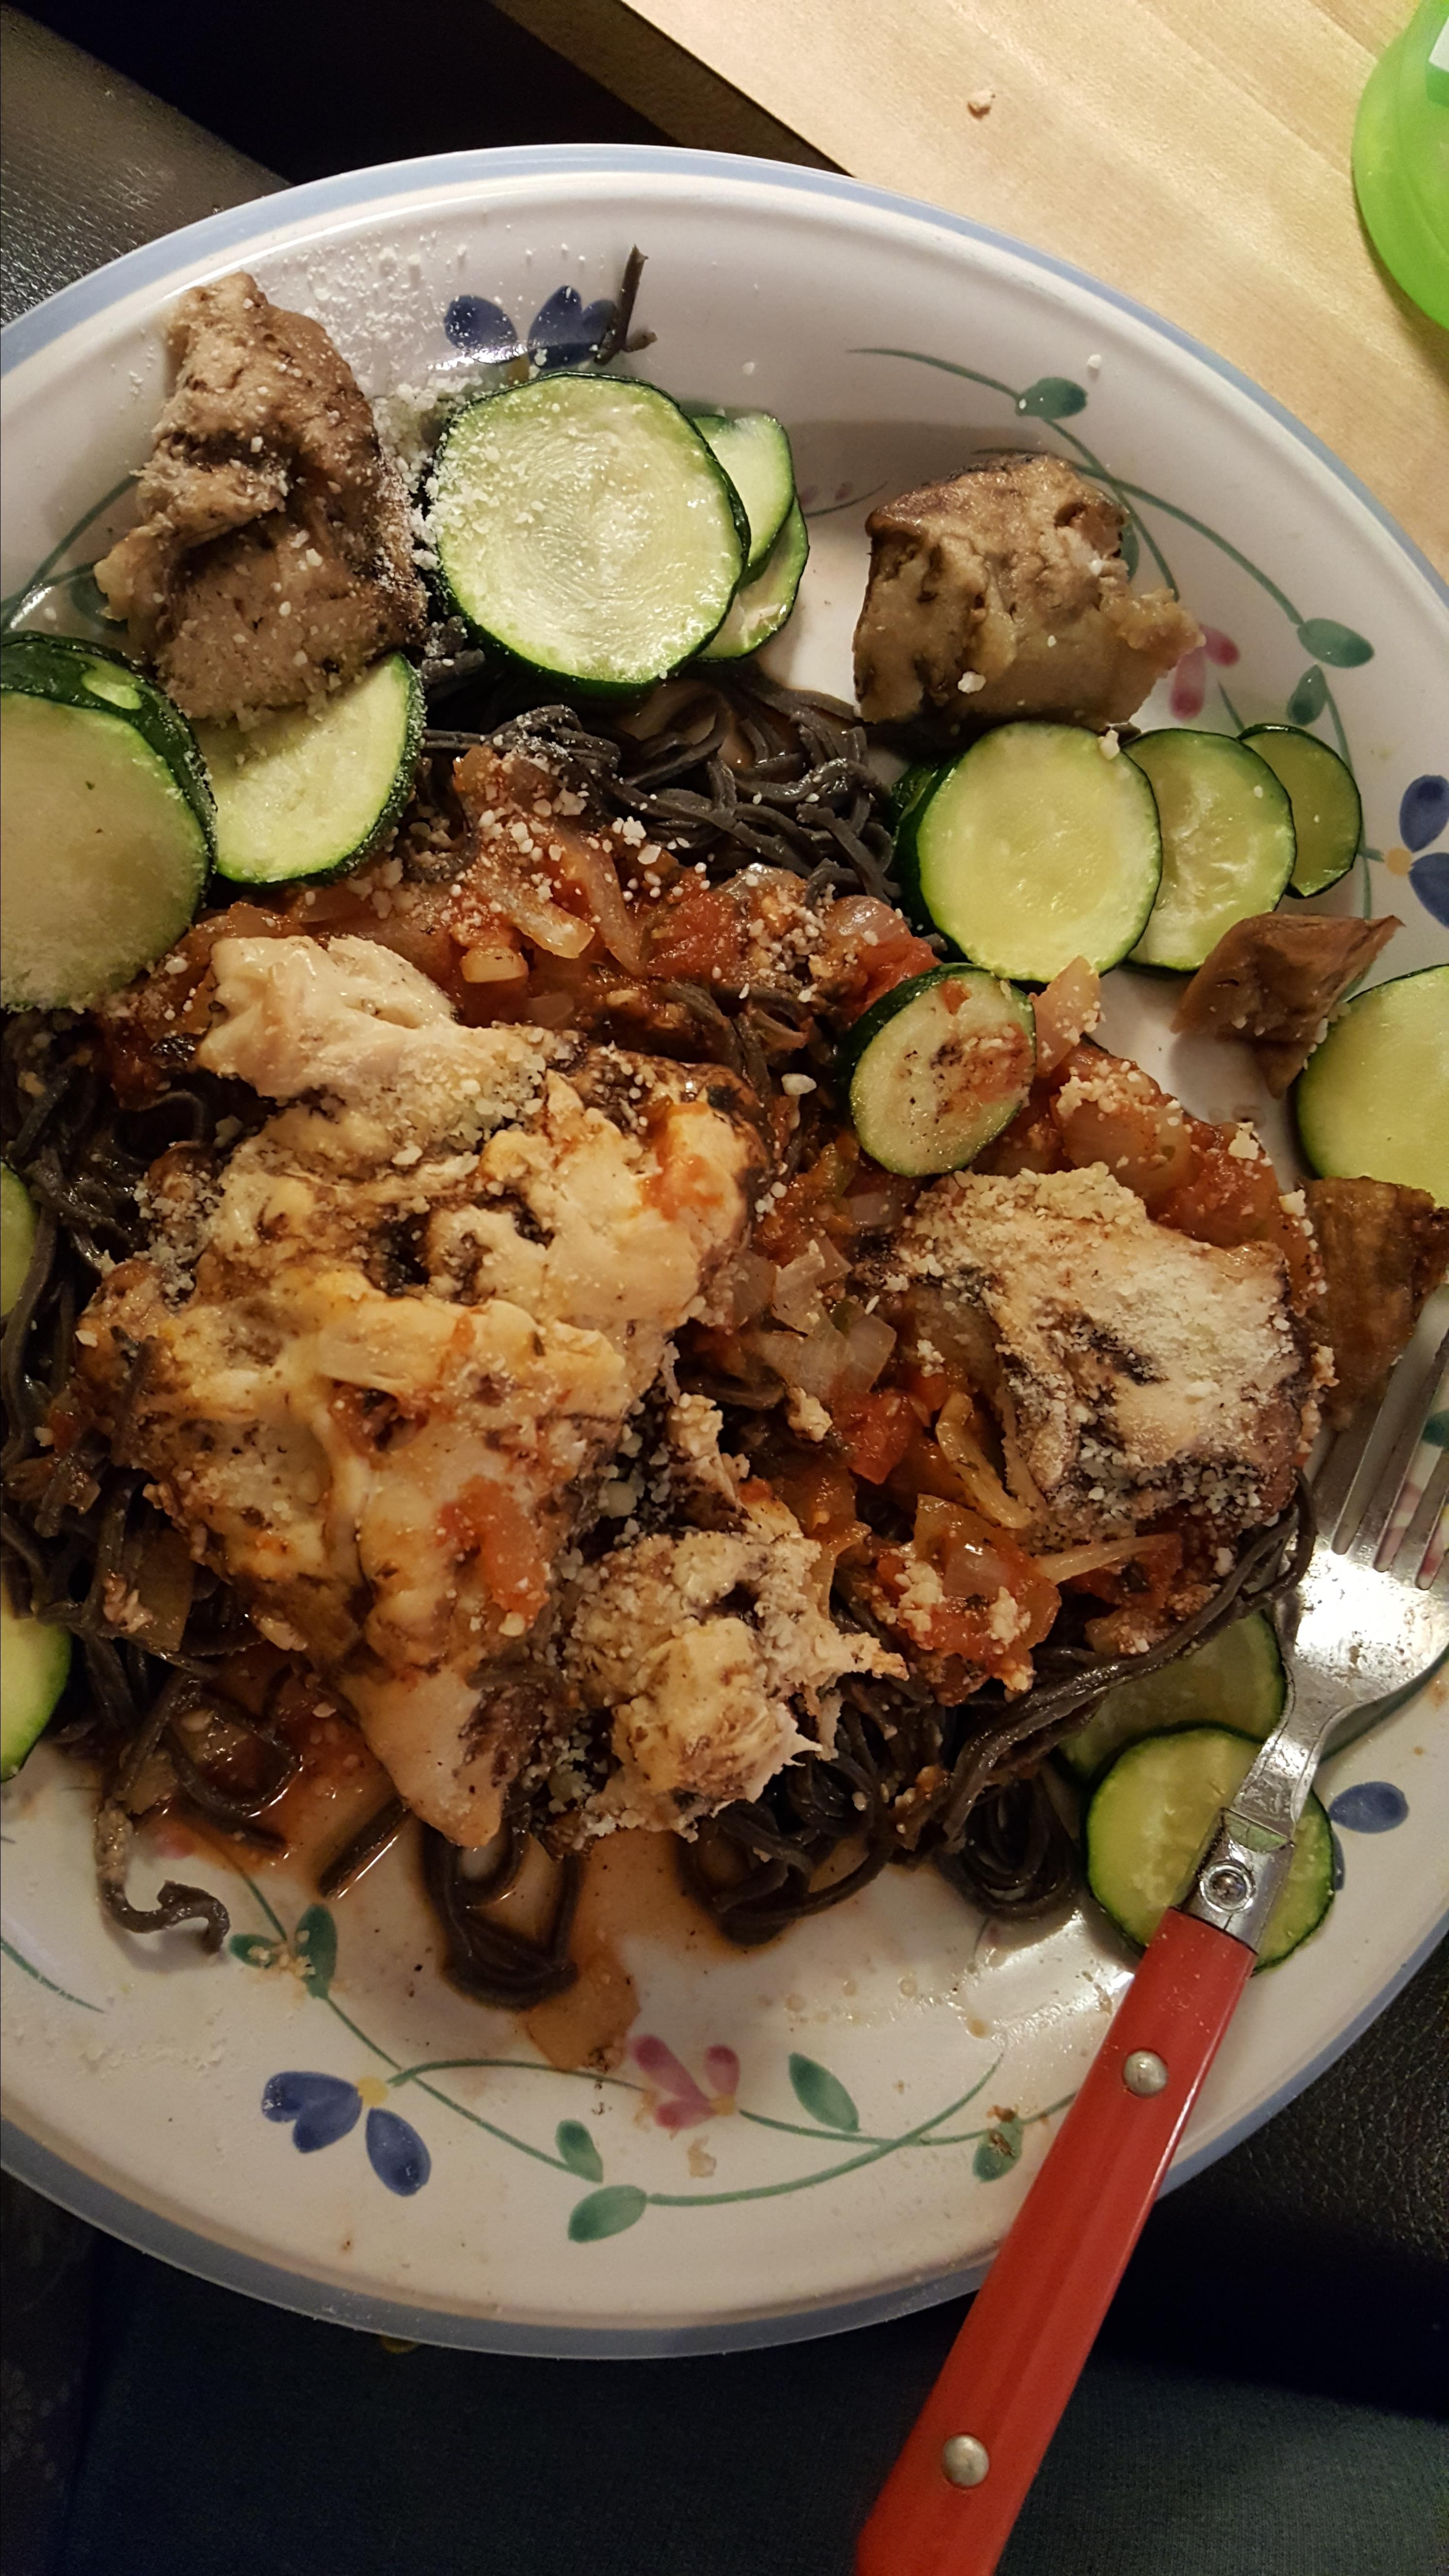 Mediterranean Baked Chicken with Pasta